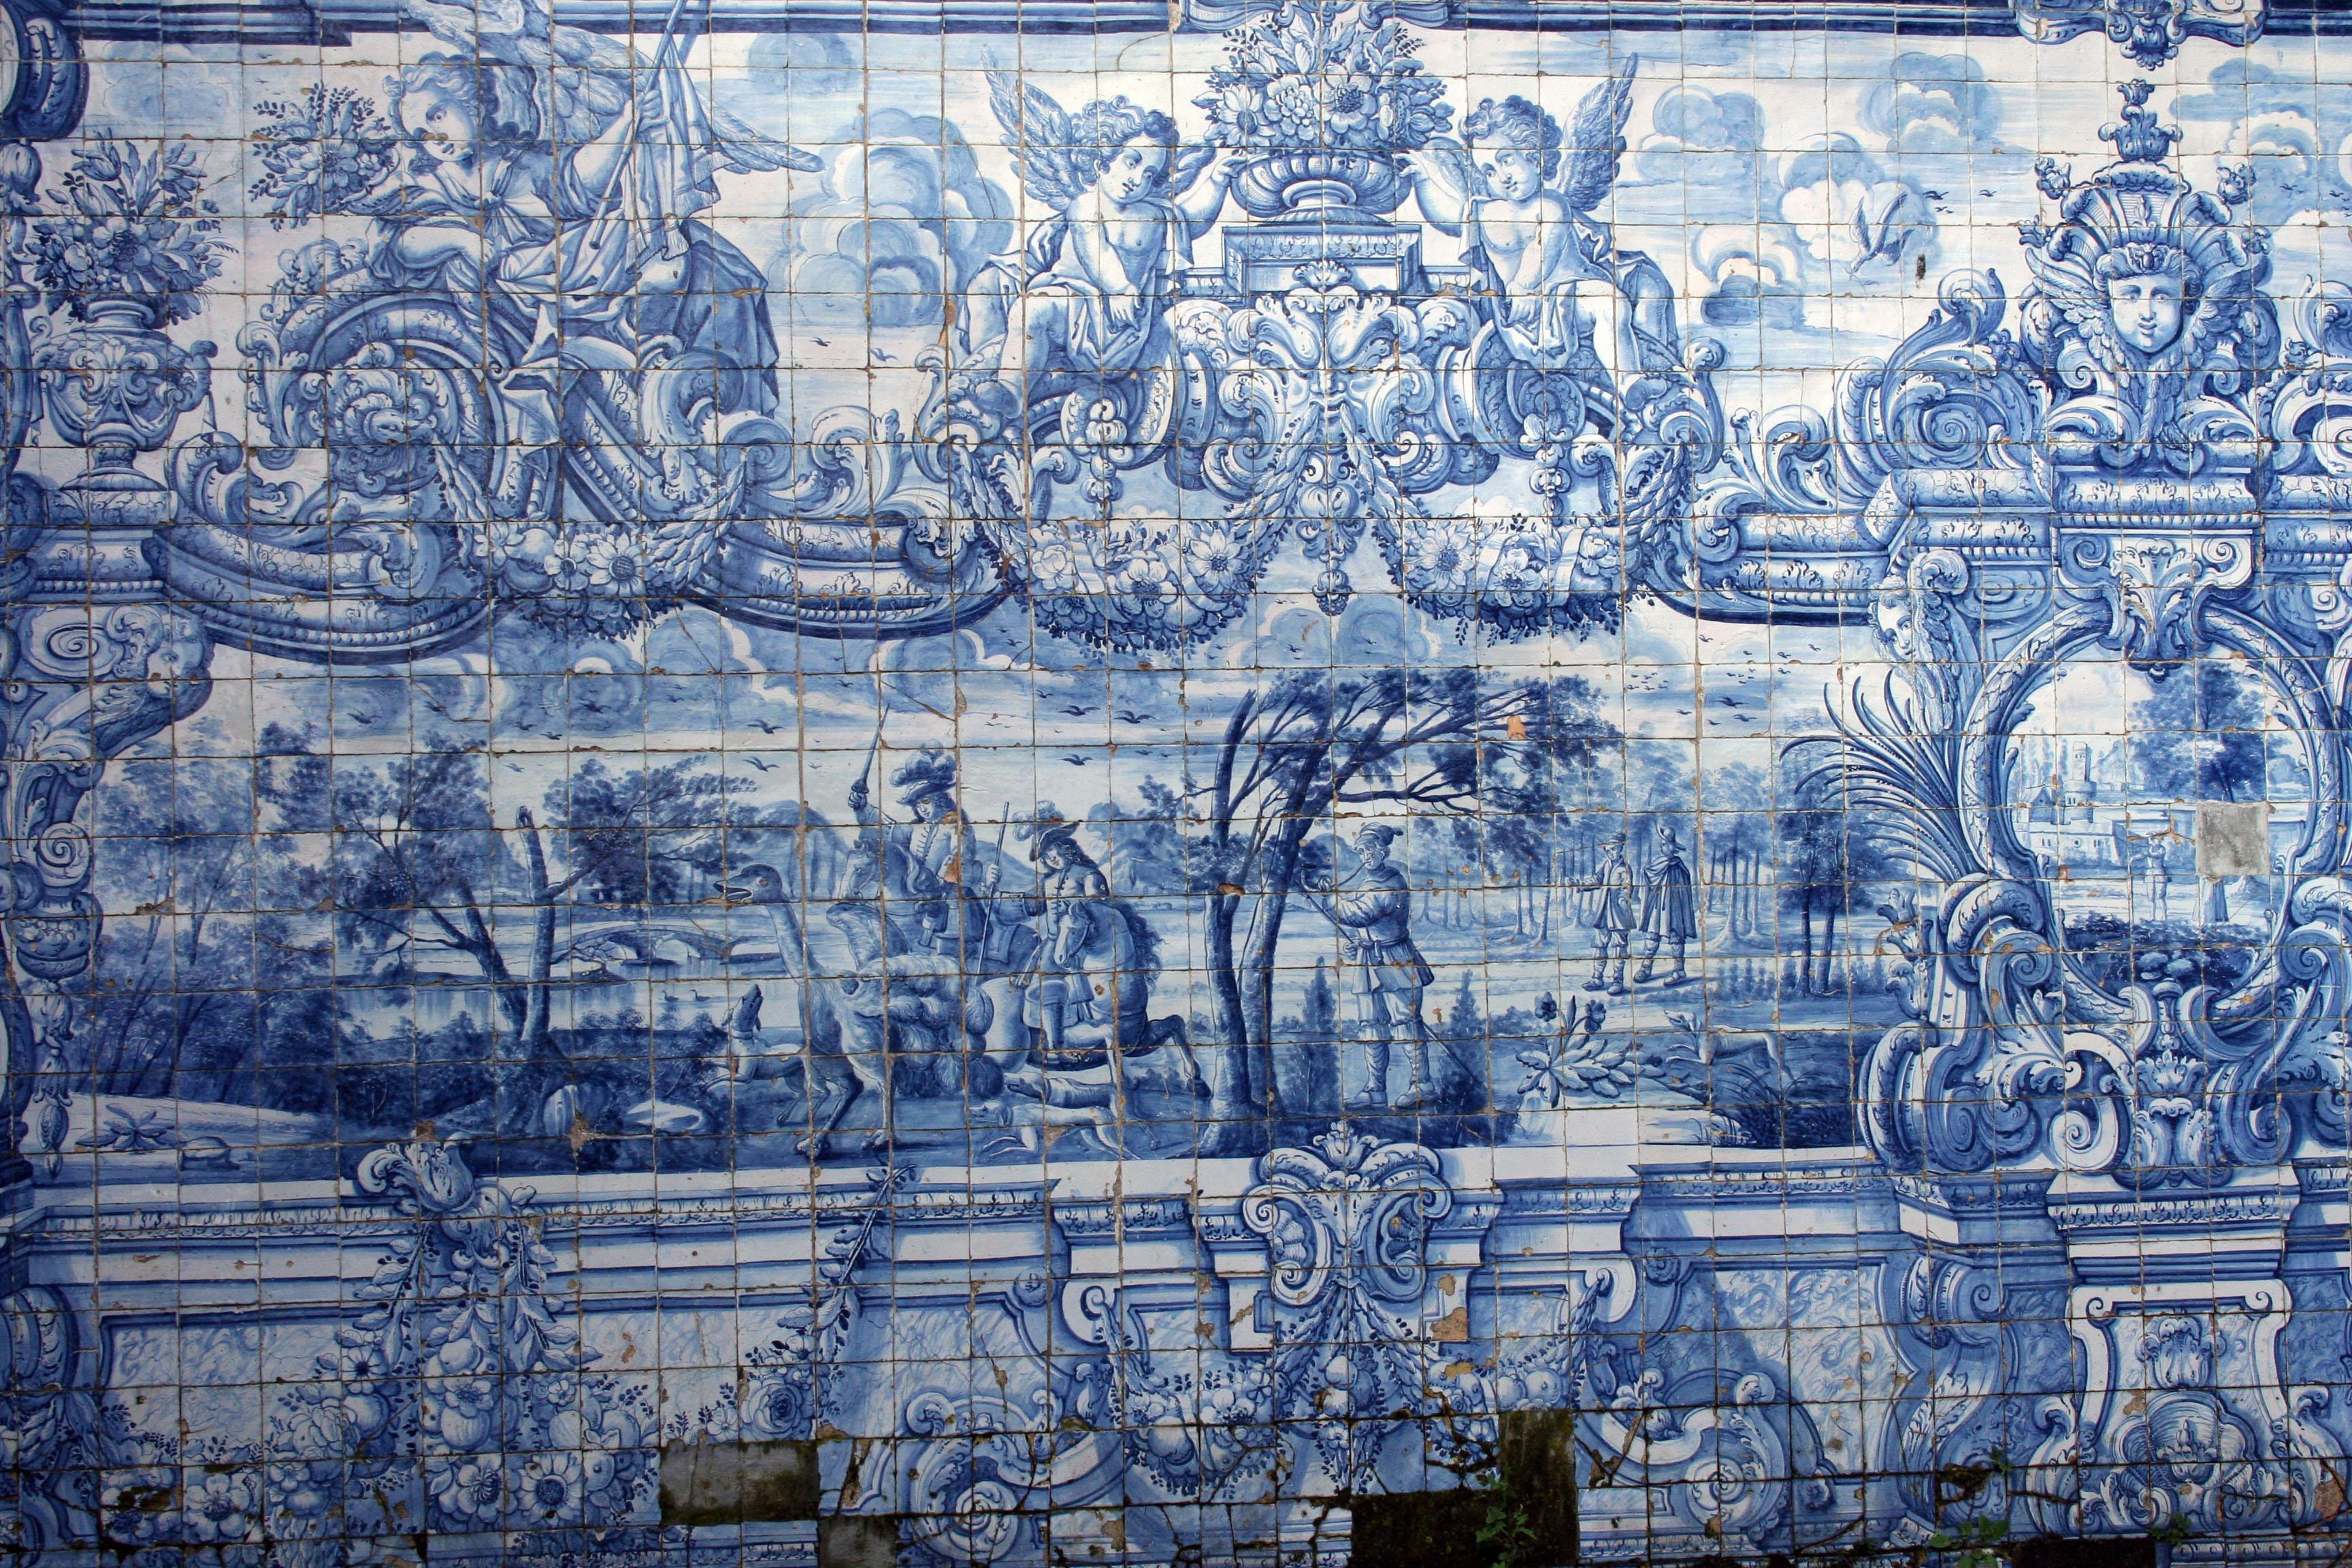 File:Azulejos Su00e9 do Porto.jpg - Wikimedia Commons